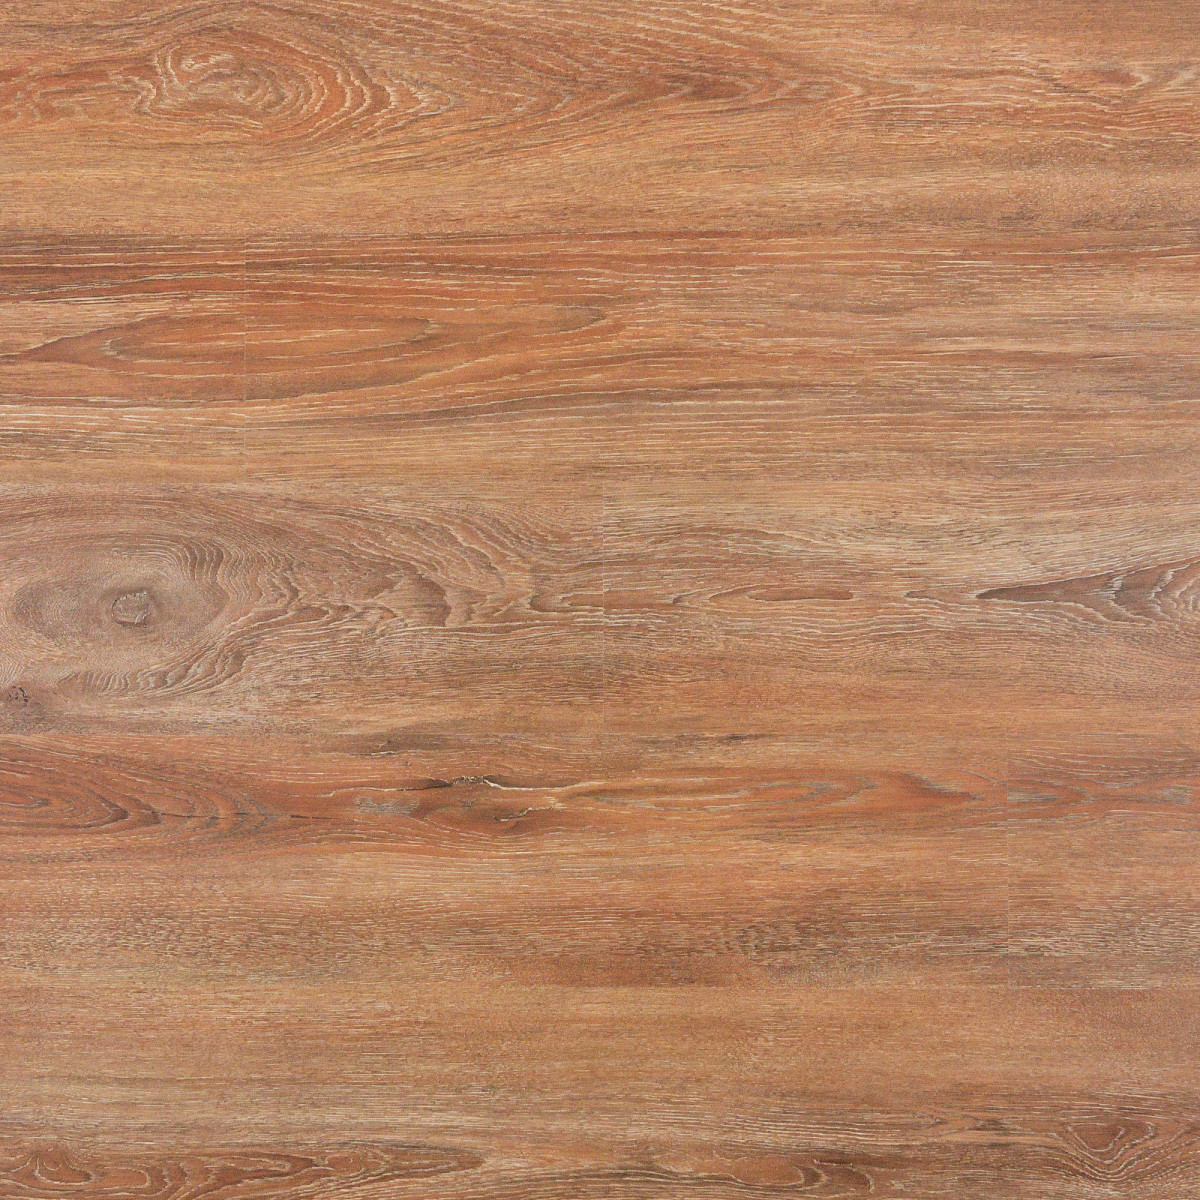 Ламинат Коламбия 33 класс толщина 8 мм 2.131 м²